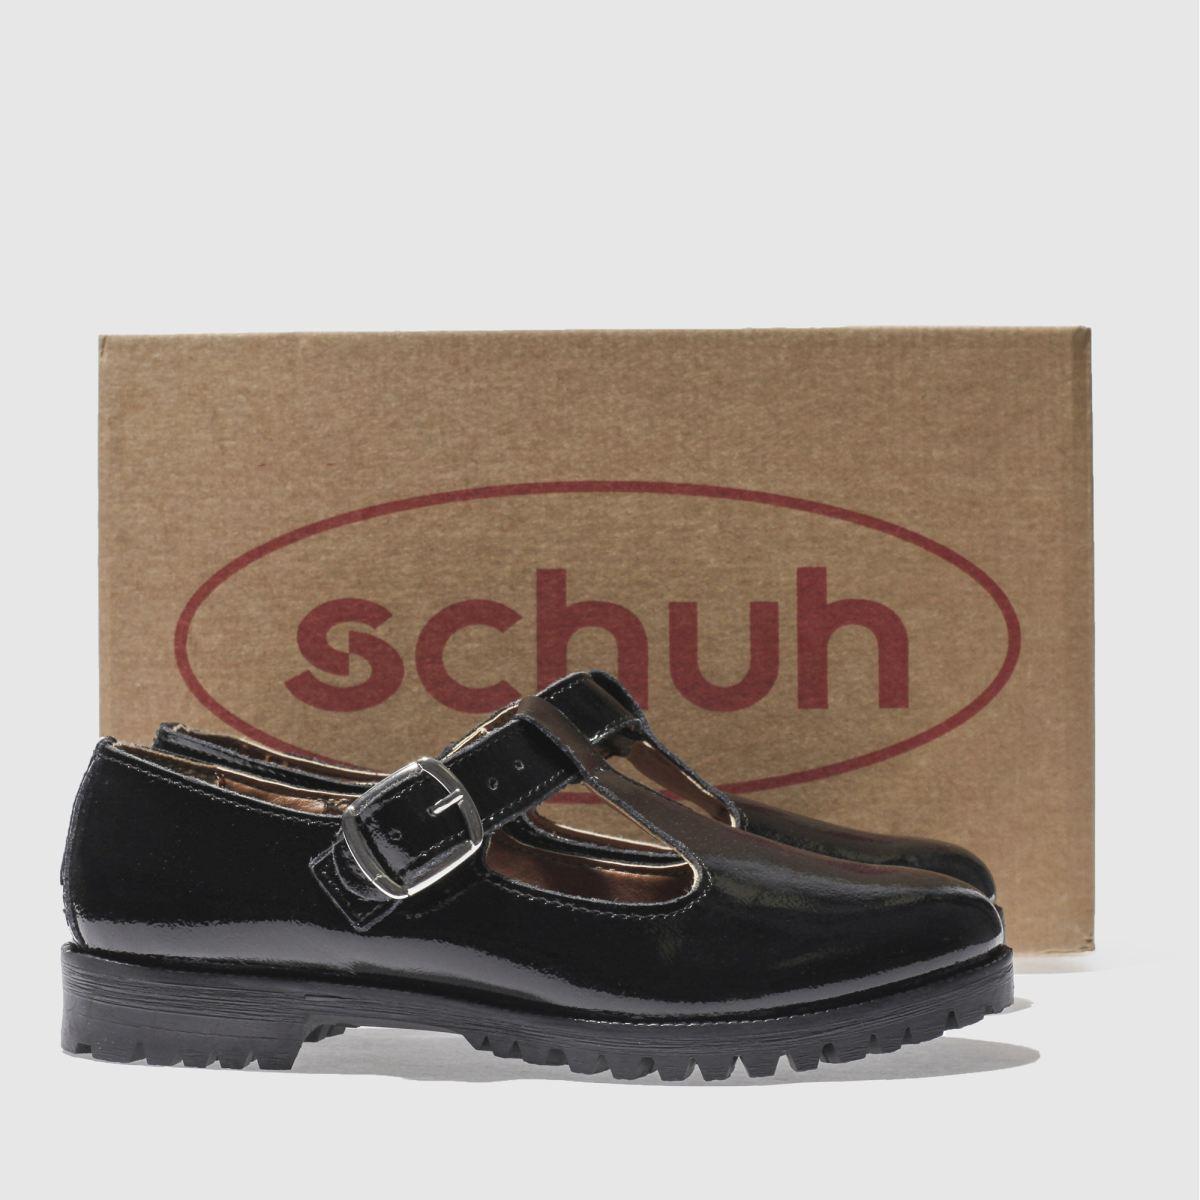 Damen Schwarz schuh Qualität Making Meadows Flats | schuh Gute Qualität schuh beliebte Schuhe 6952cf